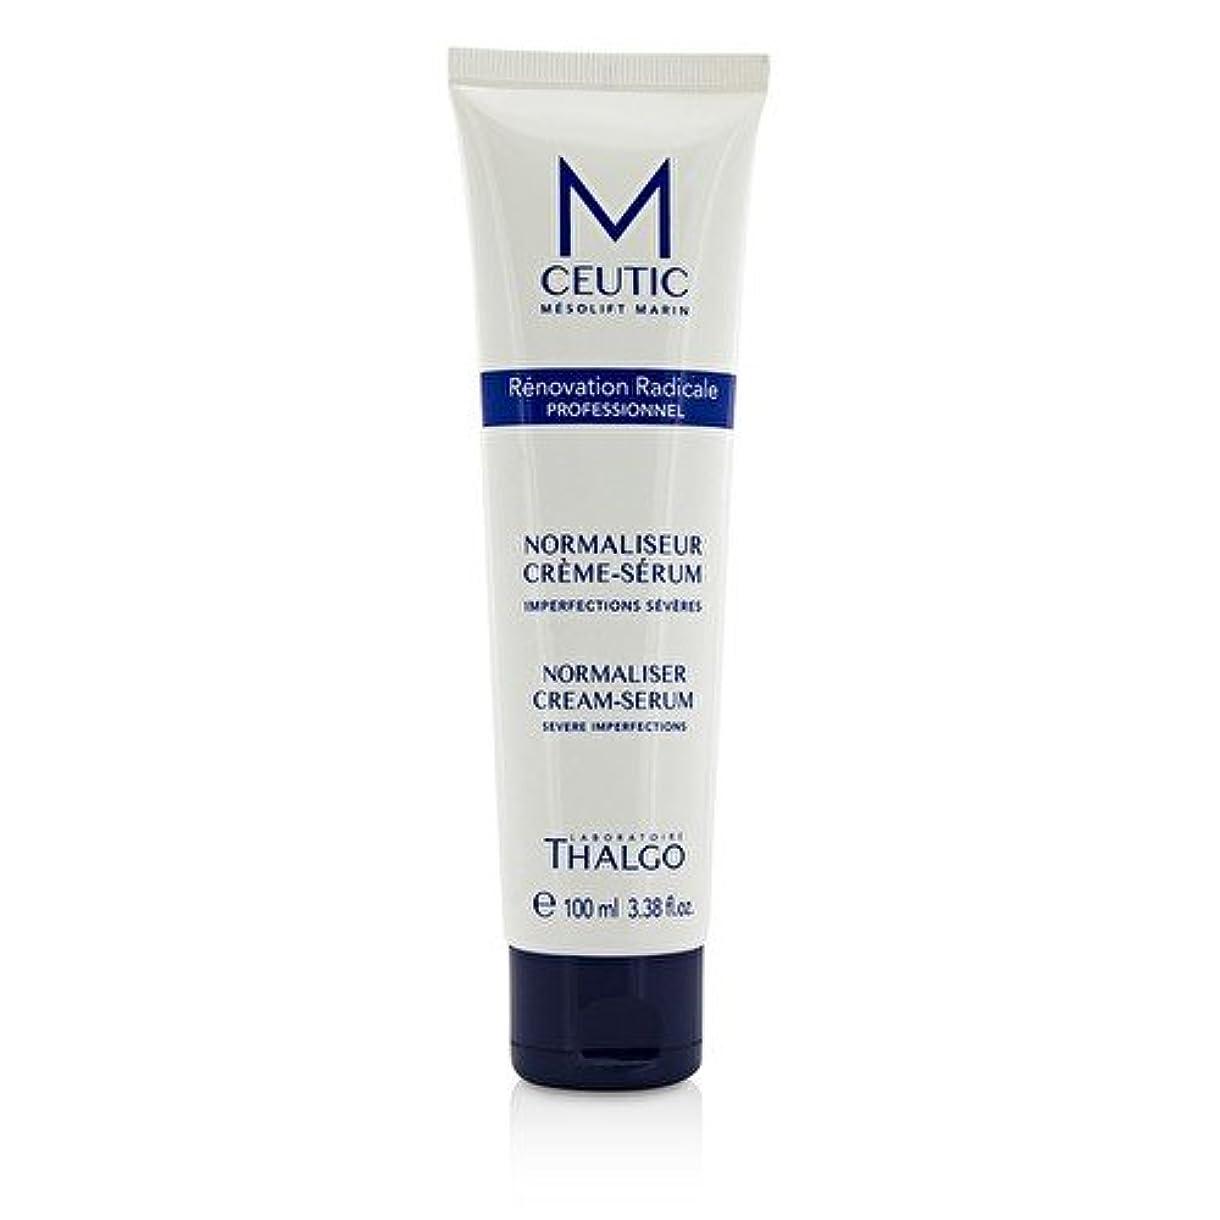 顎古代少なくともタルゴ MCEUTIC Normalizer Cream-Serum - Salon Size 100ml/3.38oz並行輸入品